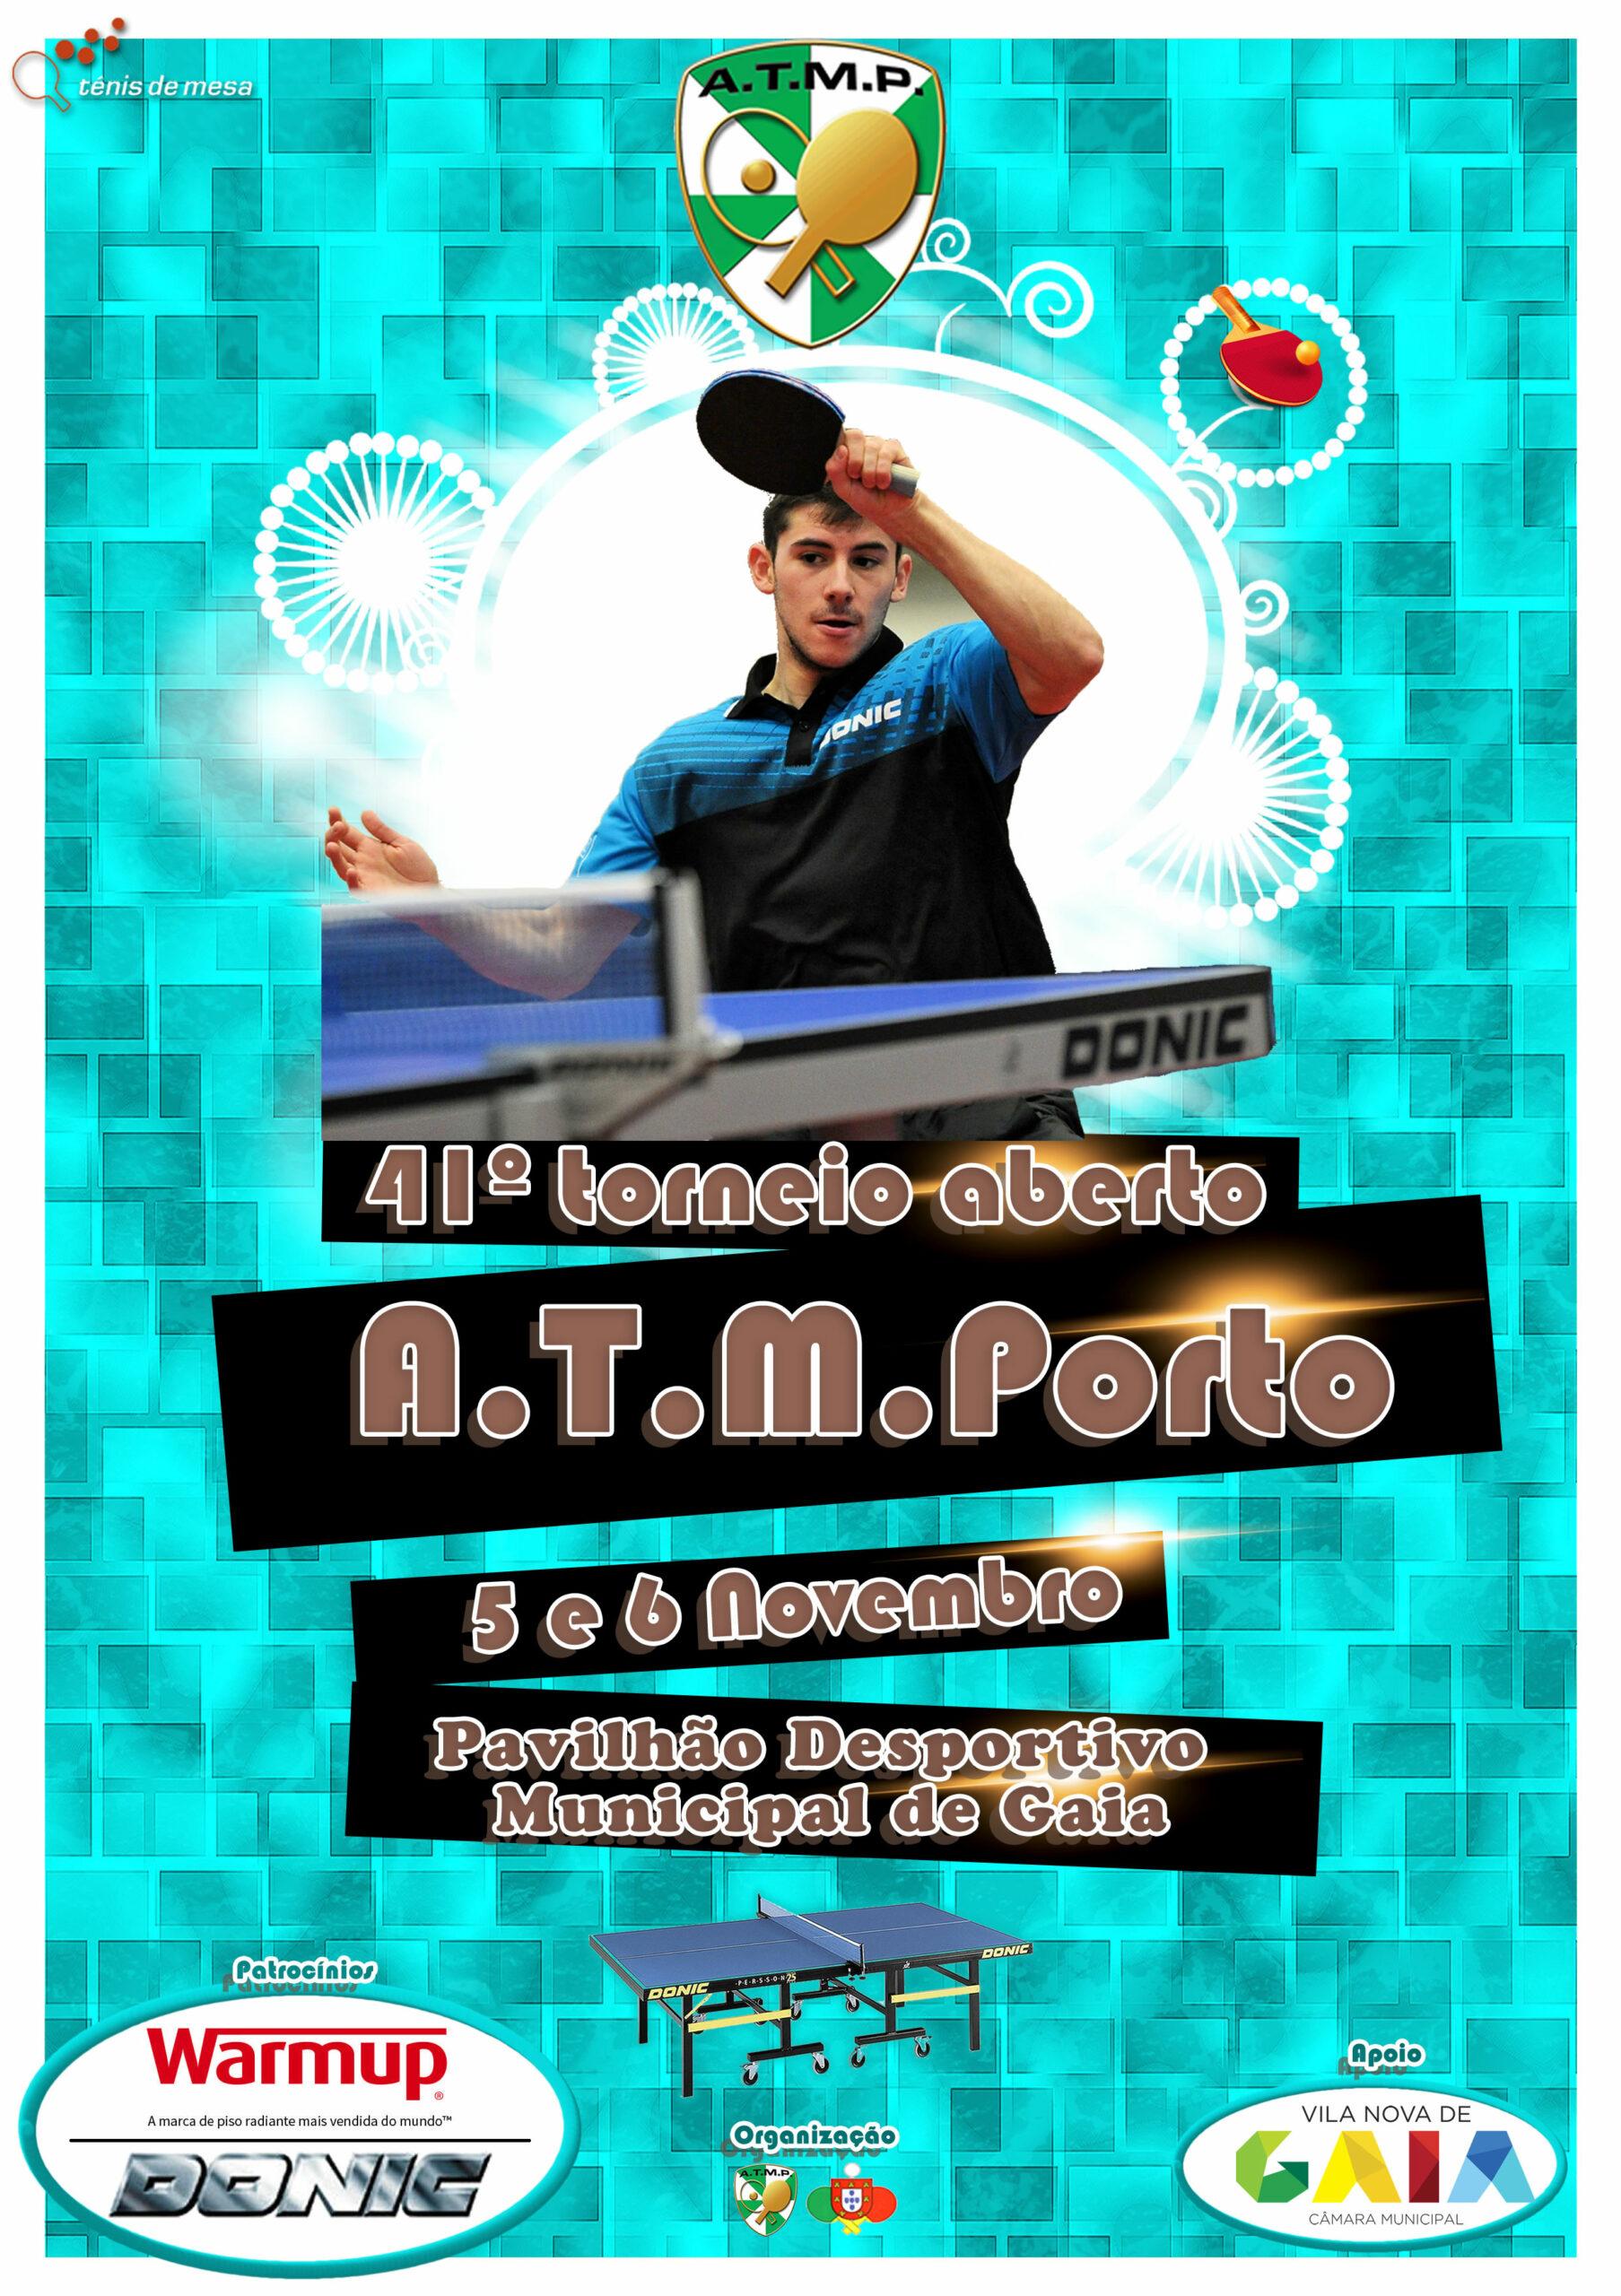 41º Torneio ATM Porto